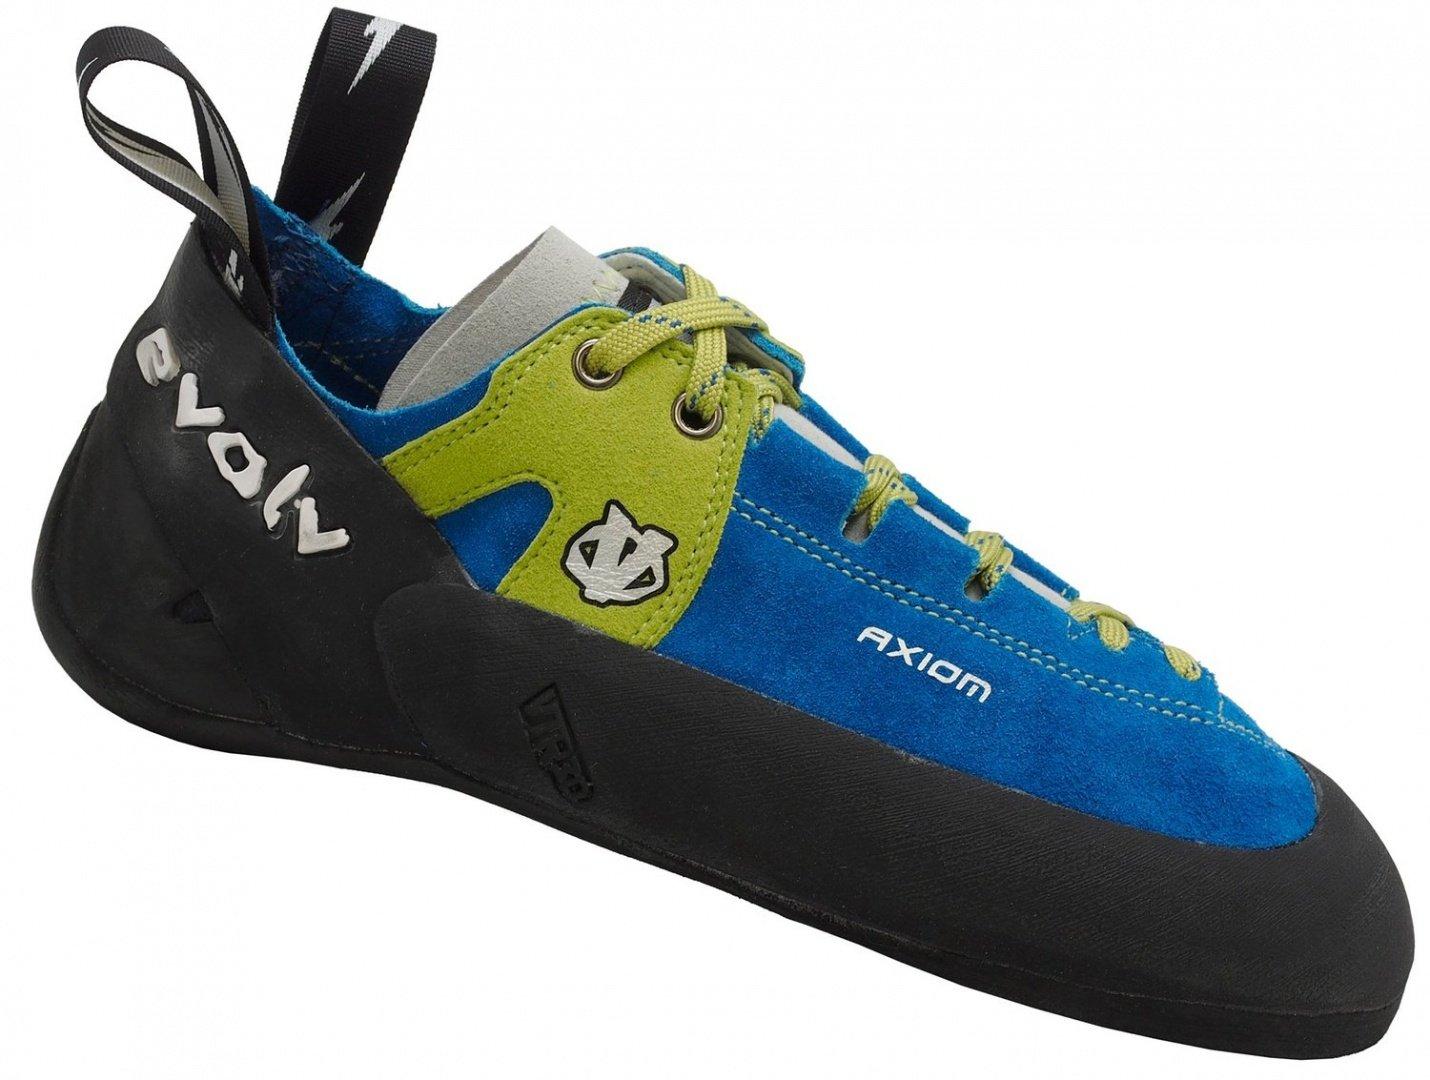 Evolv Axiom Climbing Shoe with FREE Climbing DVD ($30 Value) (Men's 9.5)